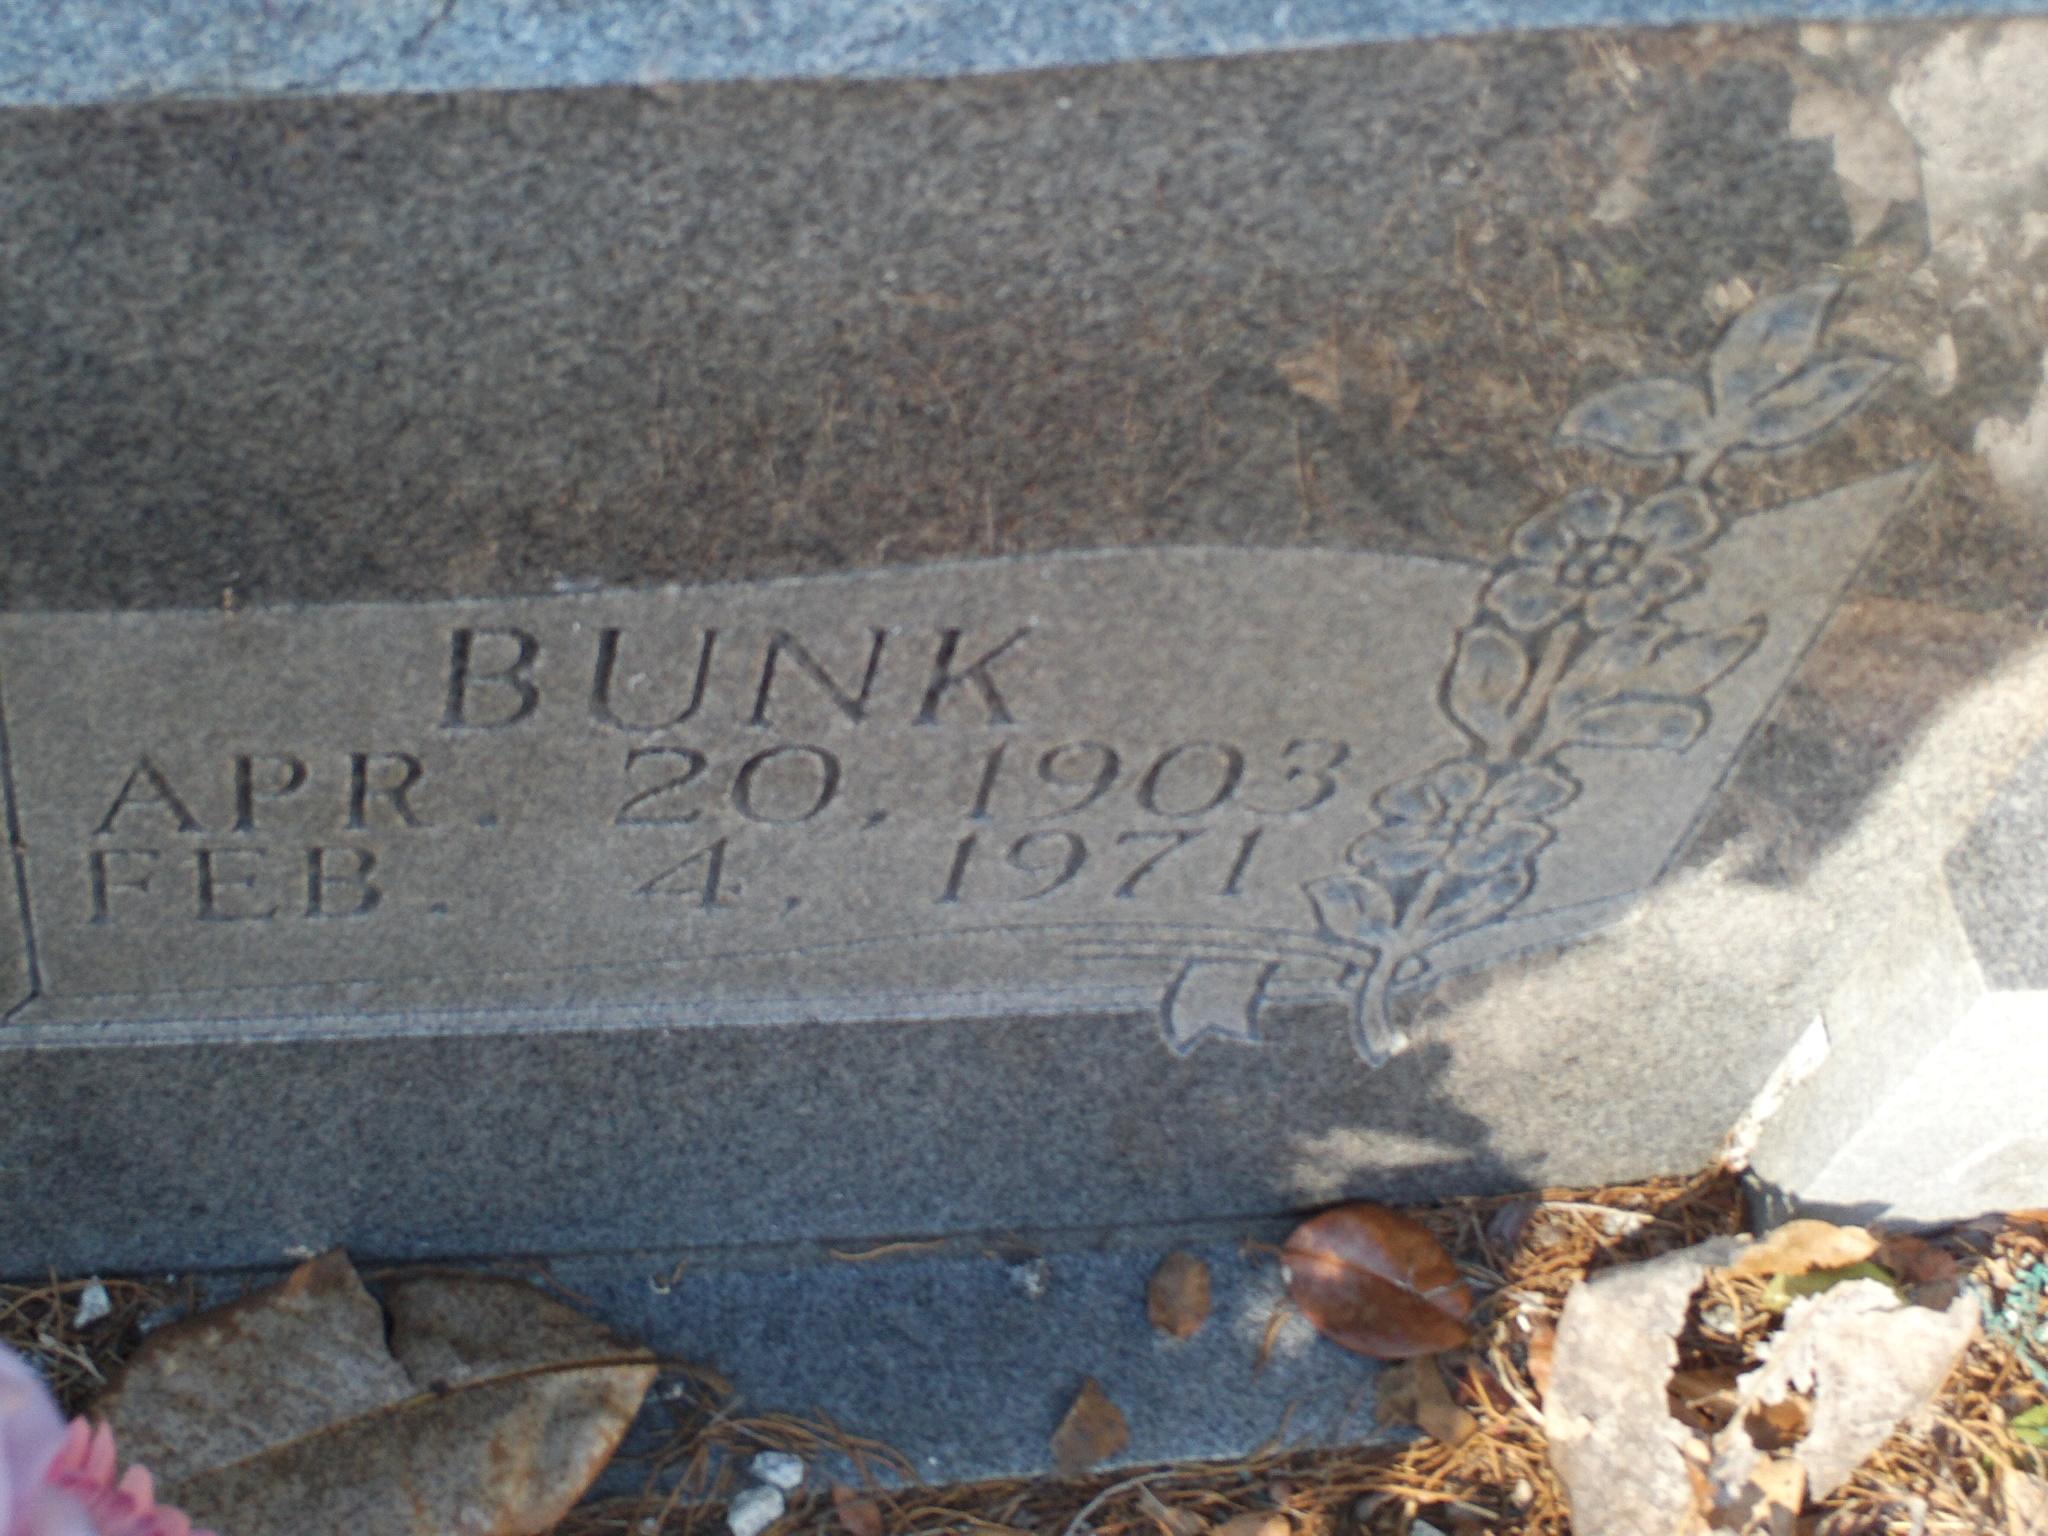 Bunk Arnold